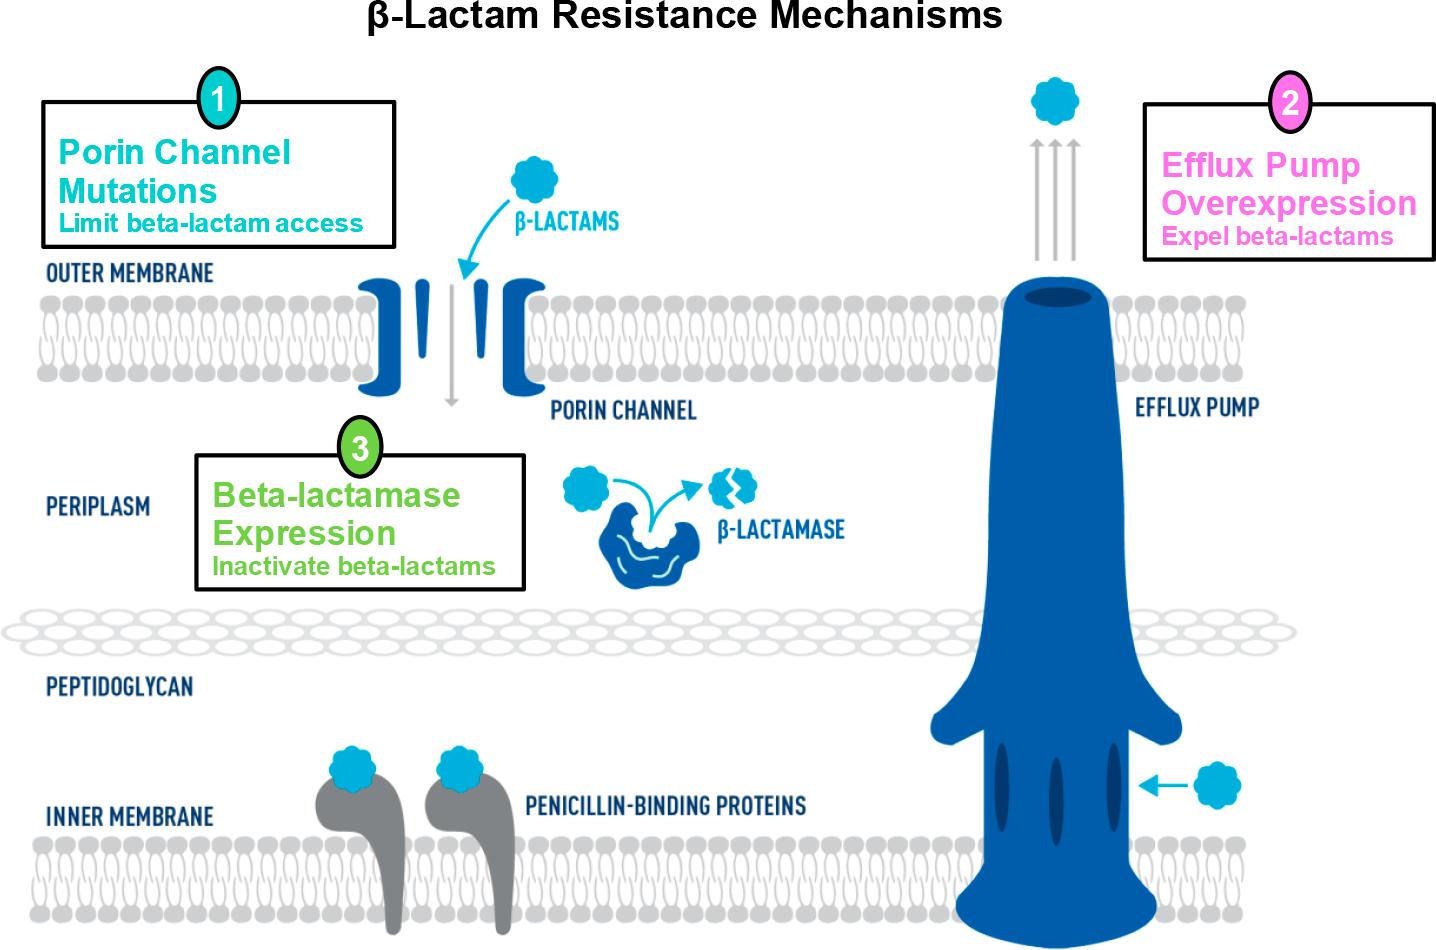 beta lactam resistance mechanisms - Цефидерокол: новый цефалоспорин, который обходит любую антибиотикорезистентность